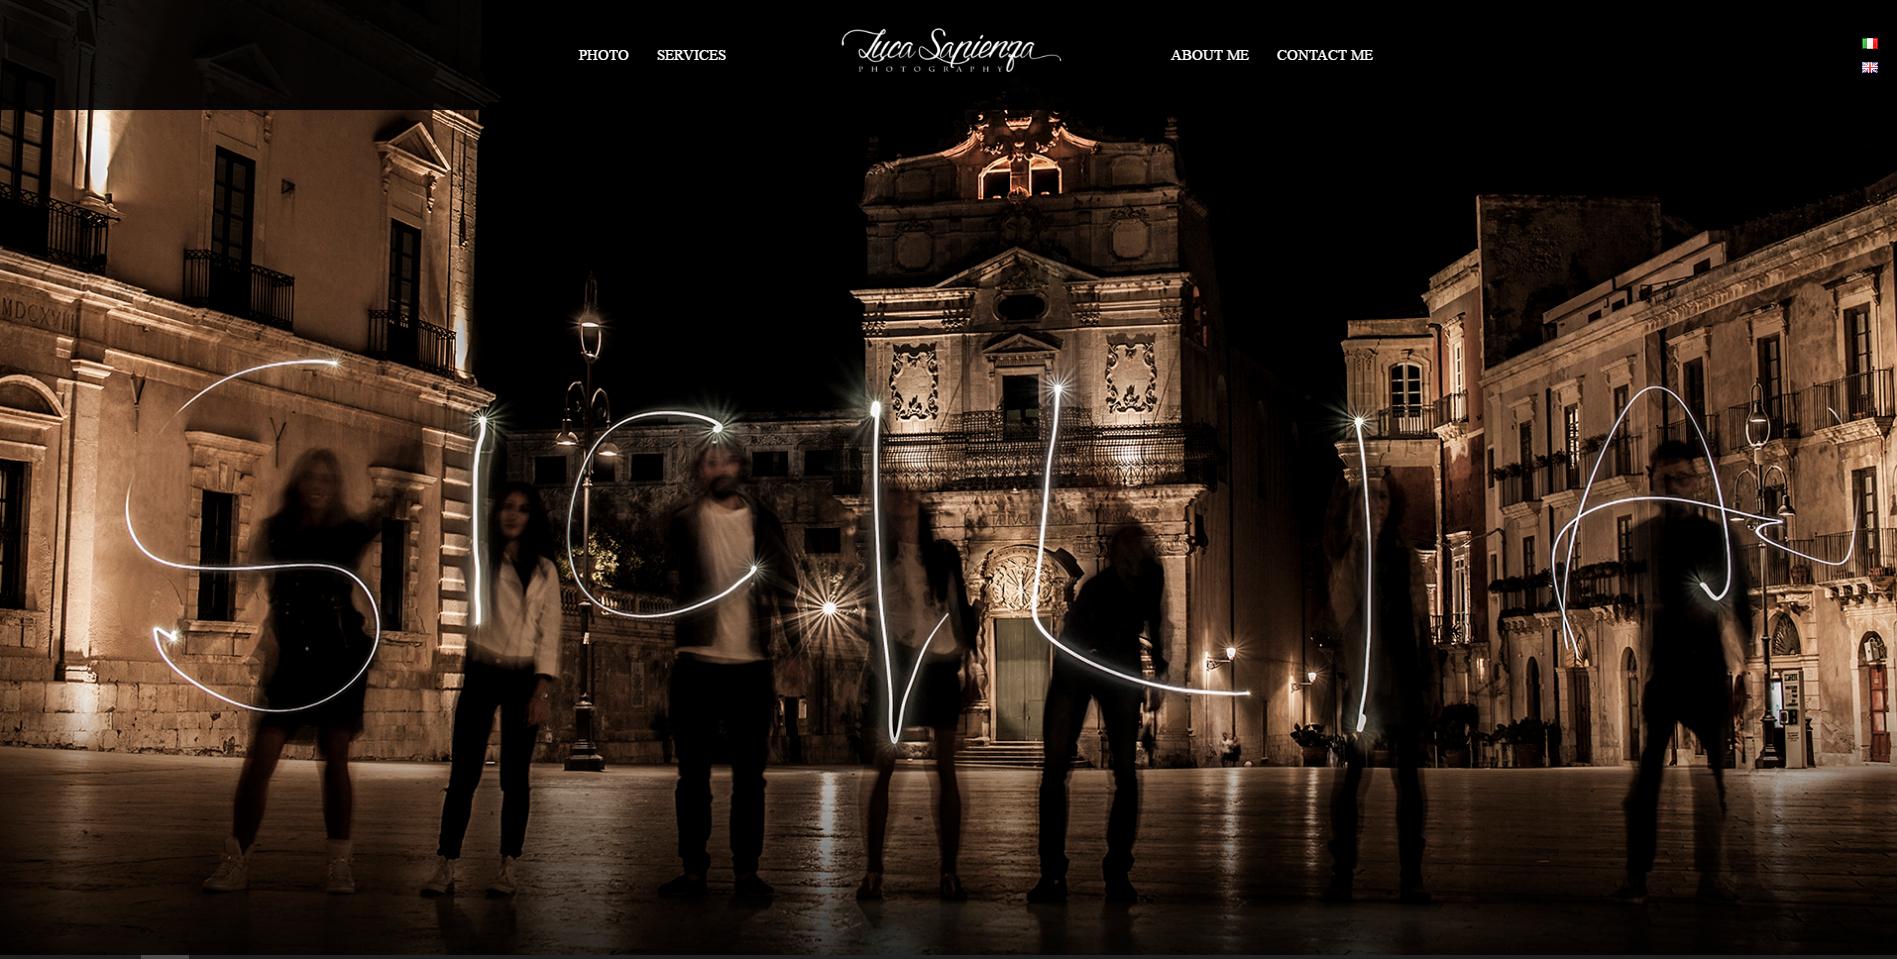 lucasapienzawebsite